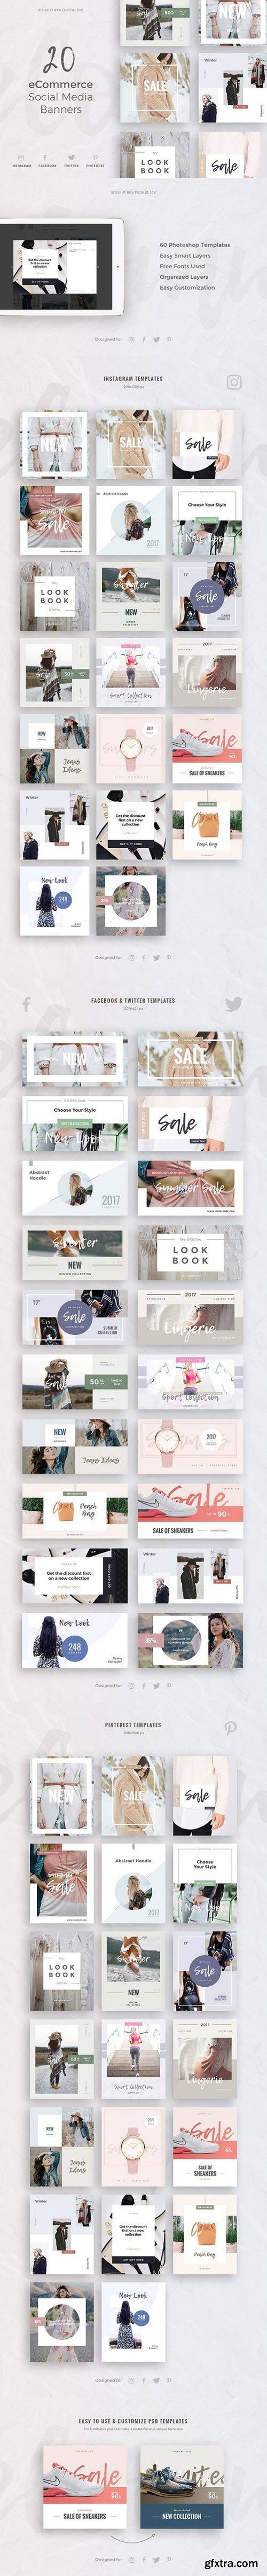 CM - eCommerce Social Media Kit 1530045   GFXTRA   Pinterest ...